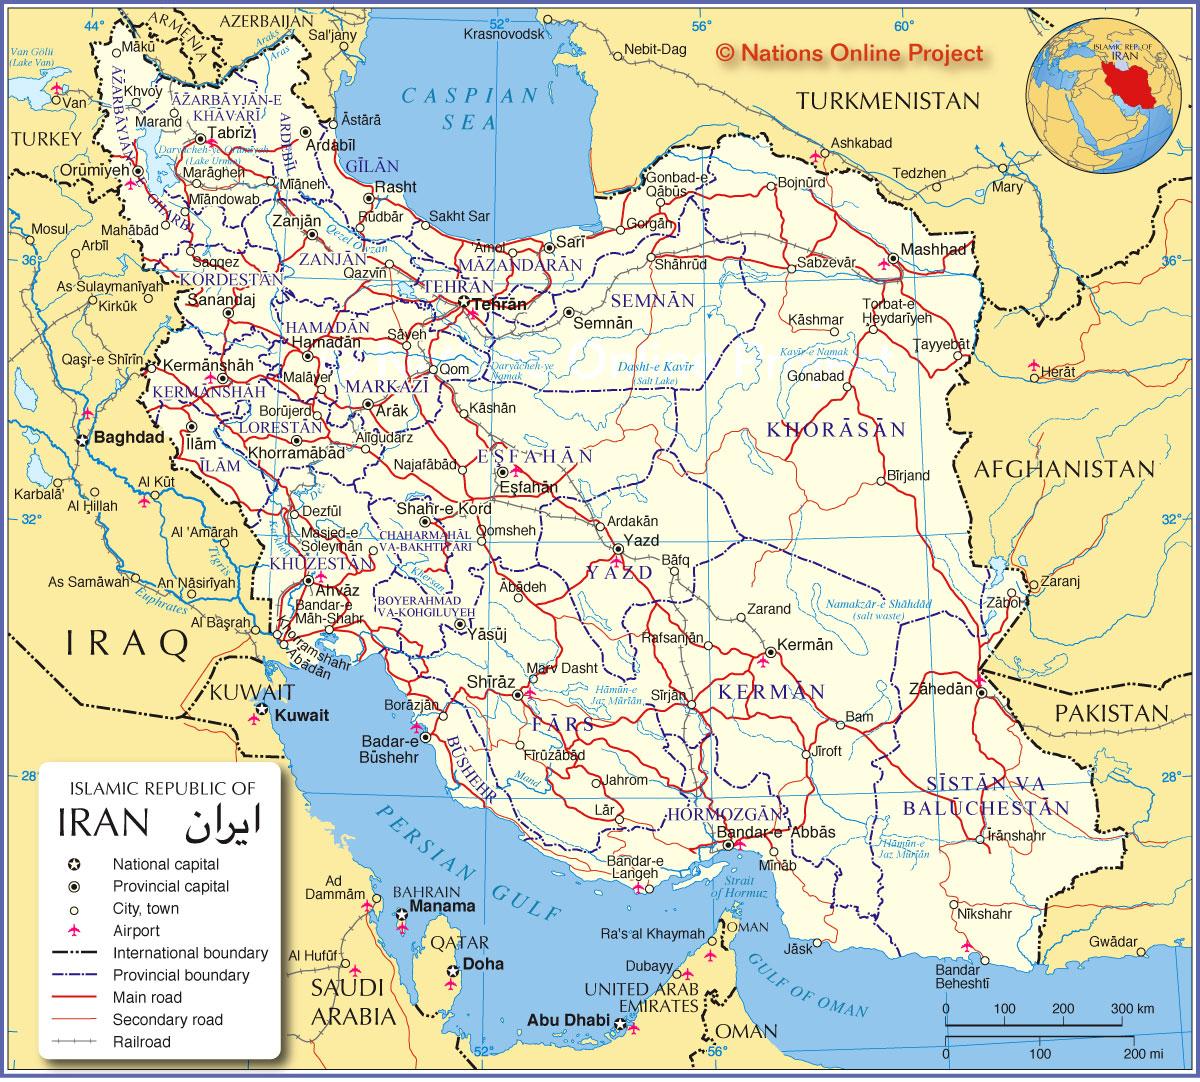 iran_map_01%7Bwww.irsalam.net%5D.jpg